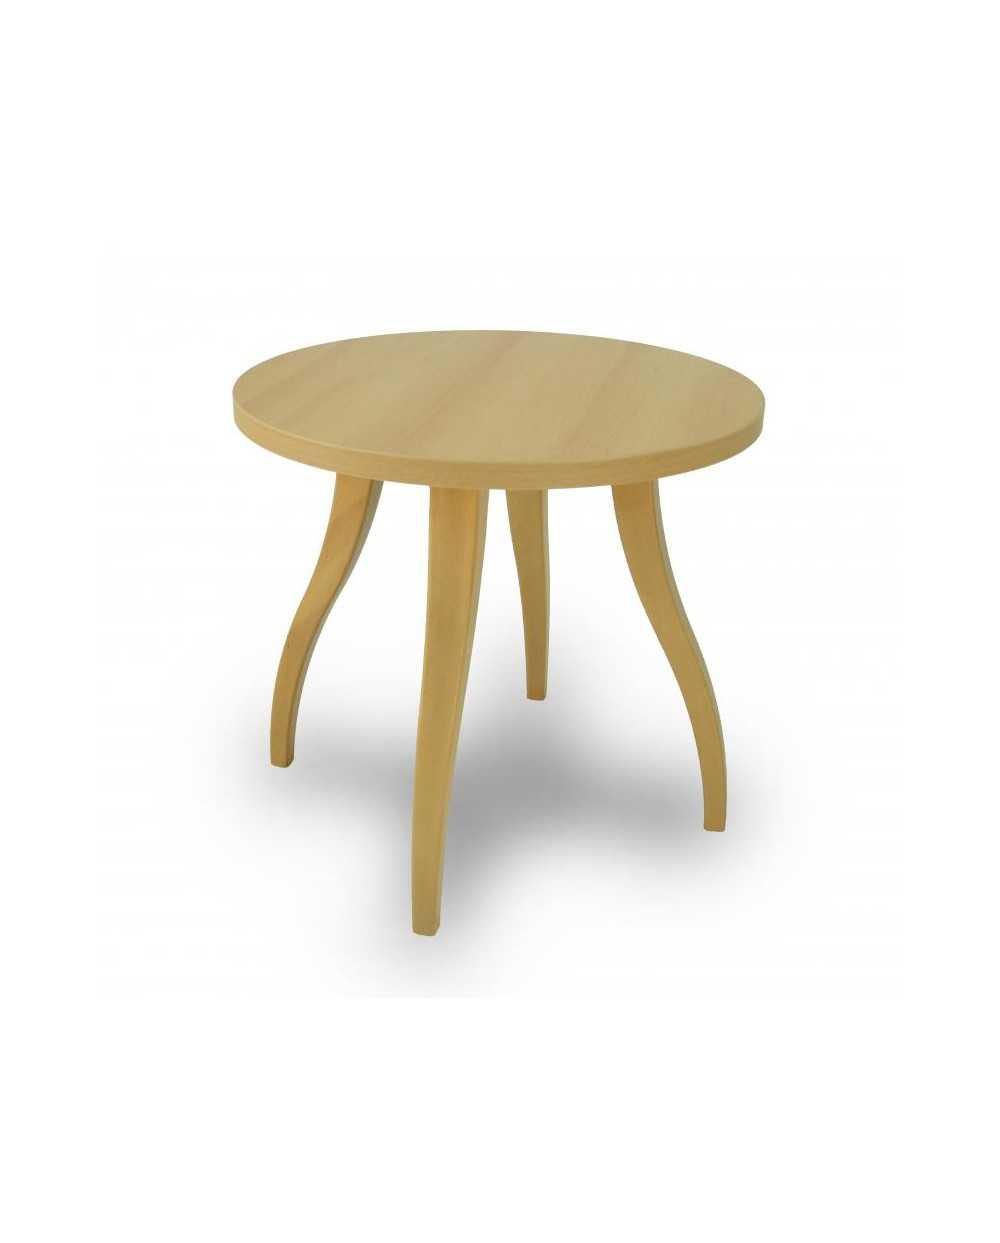 Table de salon Flex ronde, Æ 60 cm x 55 cm, hêtre.